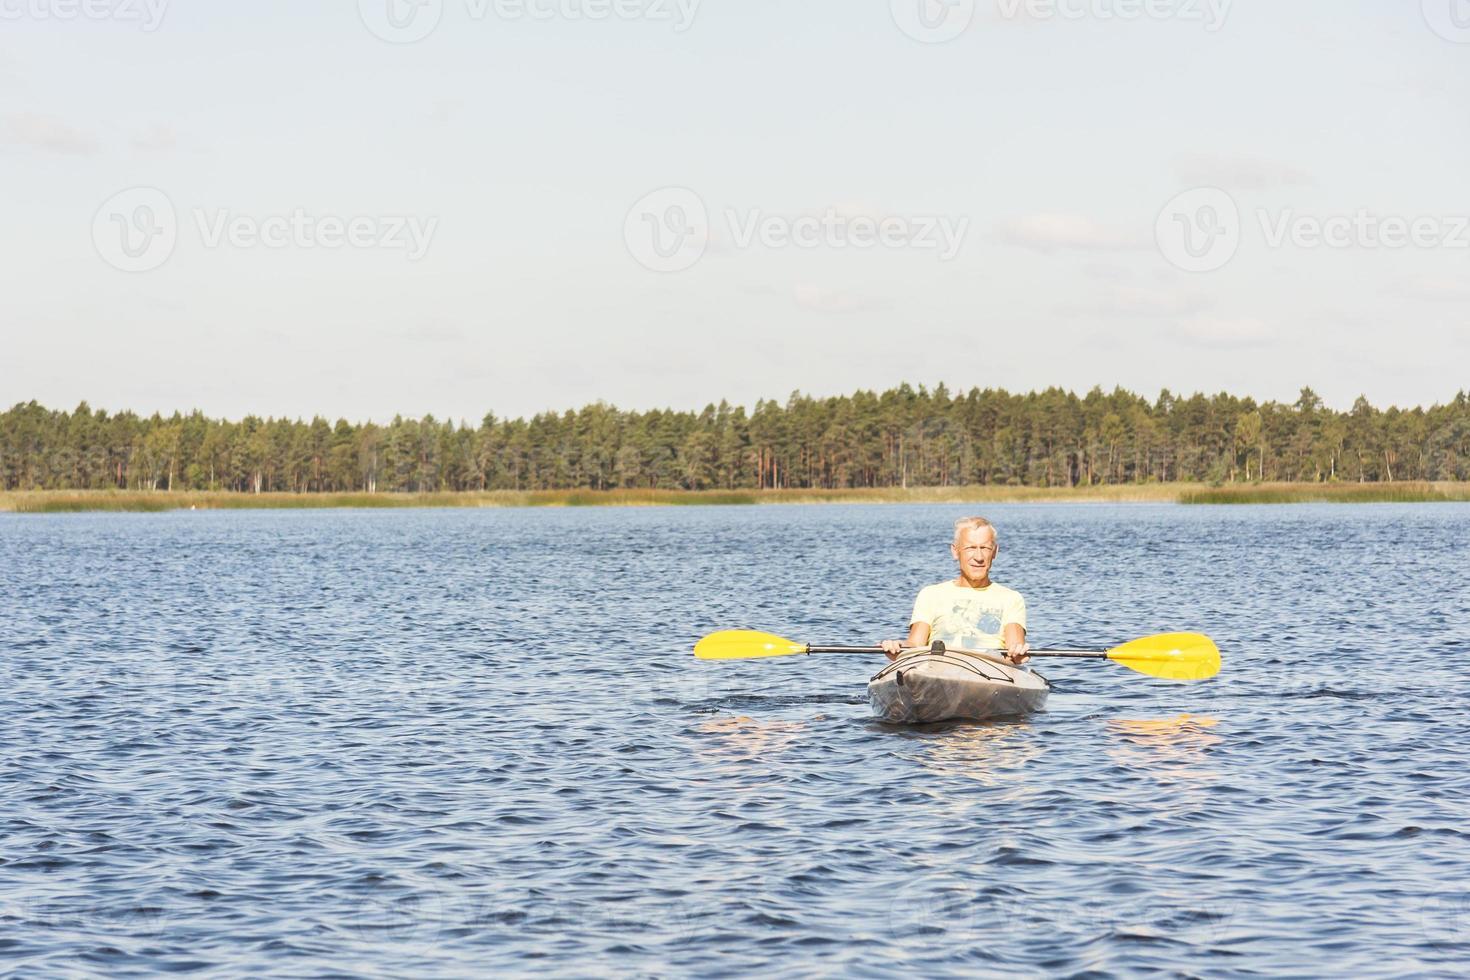 Mann fährt Kajak im Wasser foto